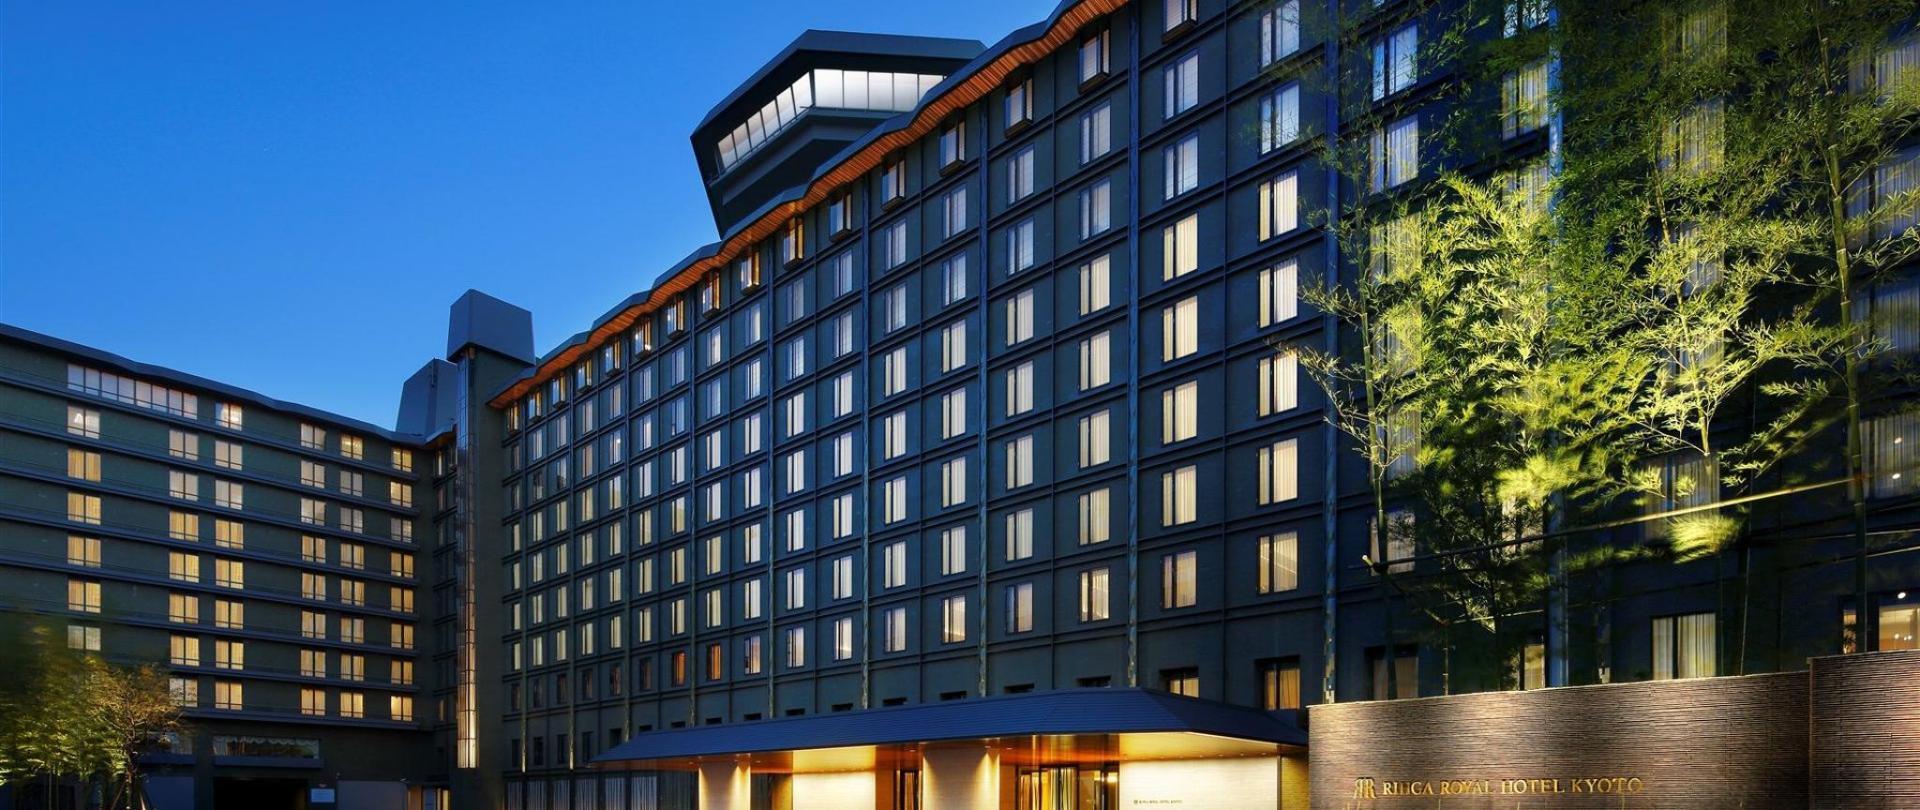 โรงแรม RIHGA Royal